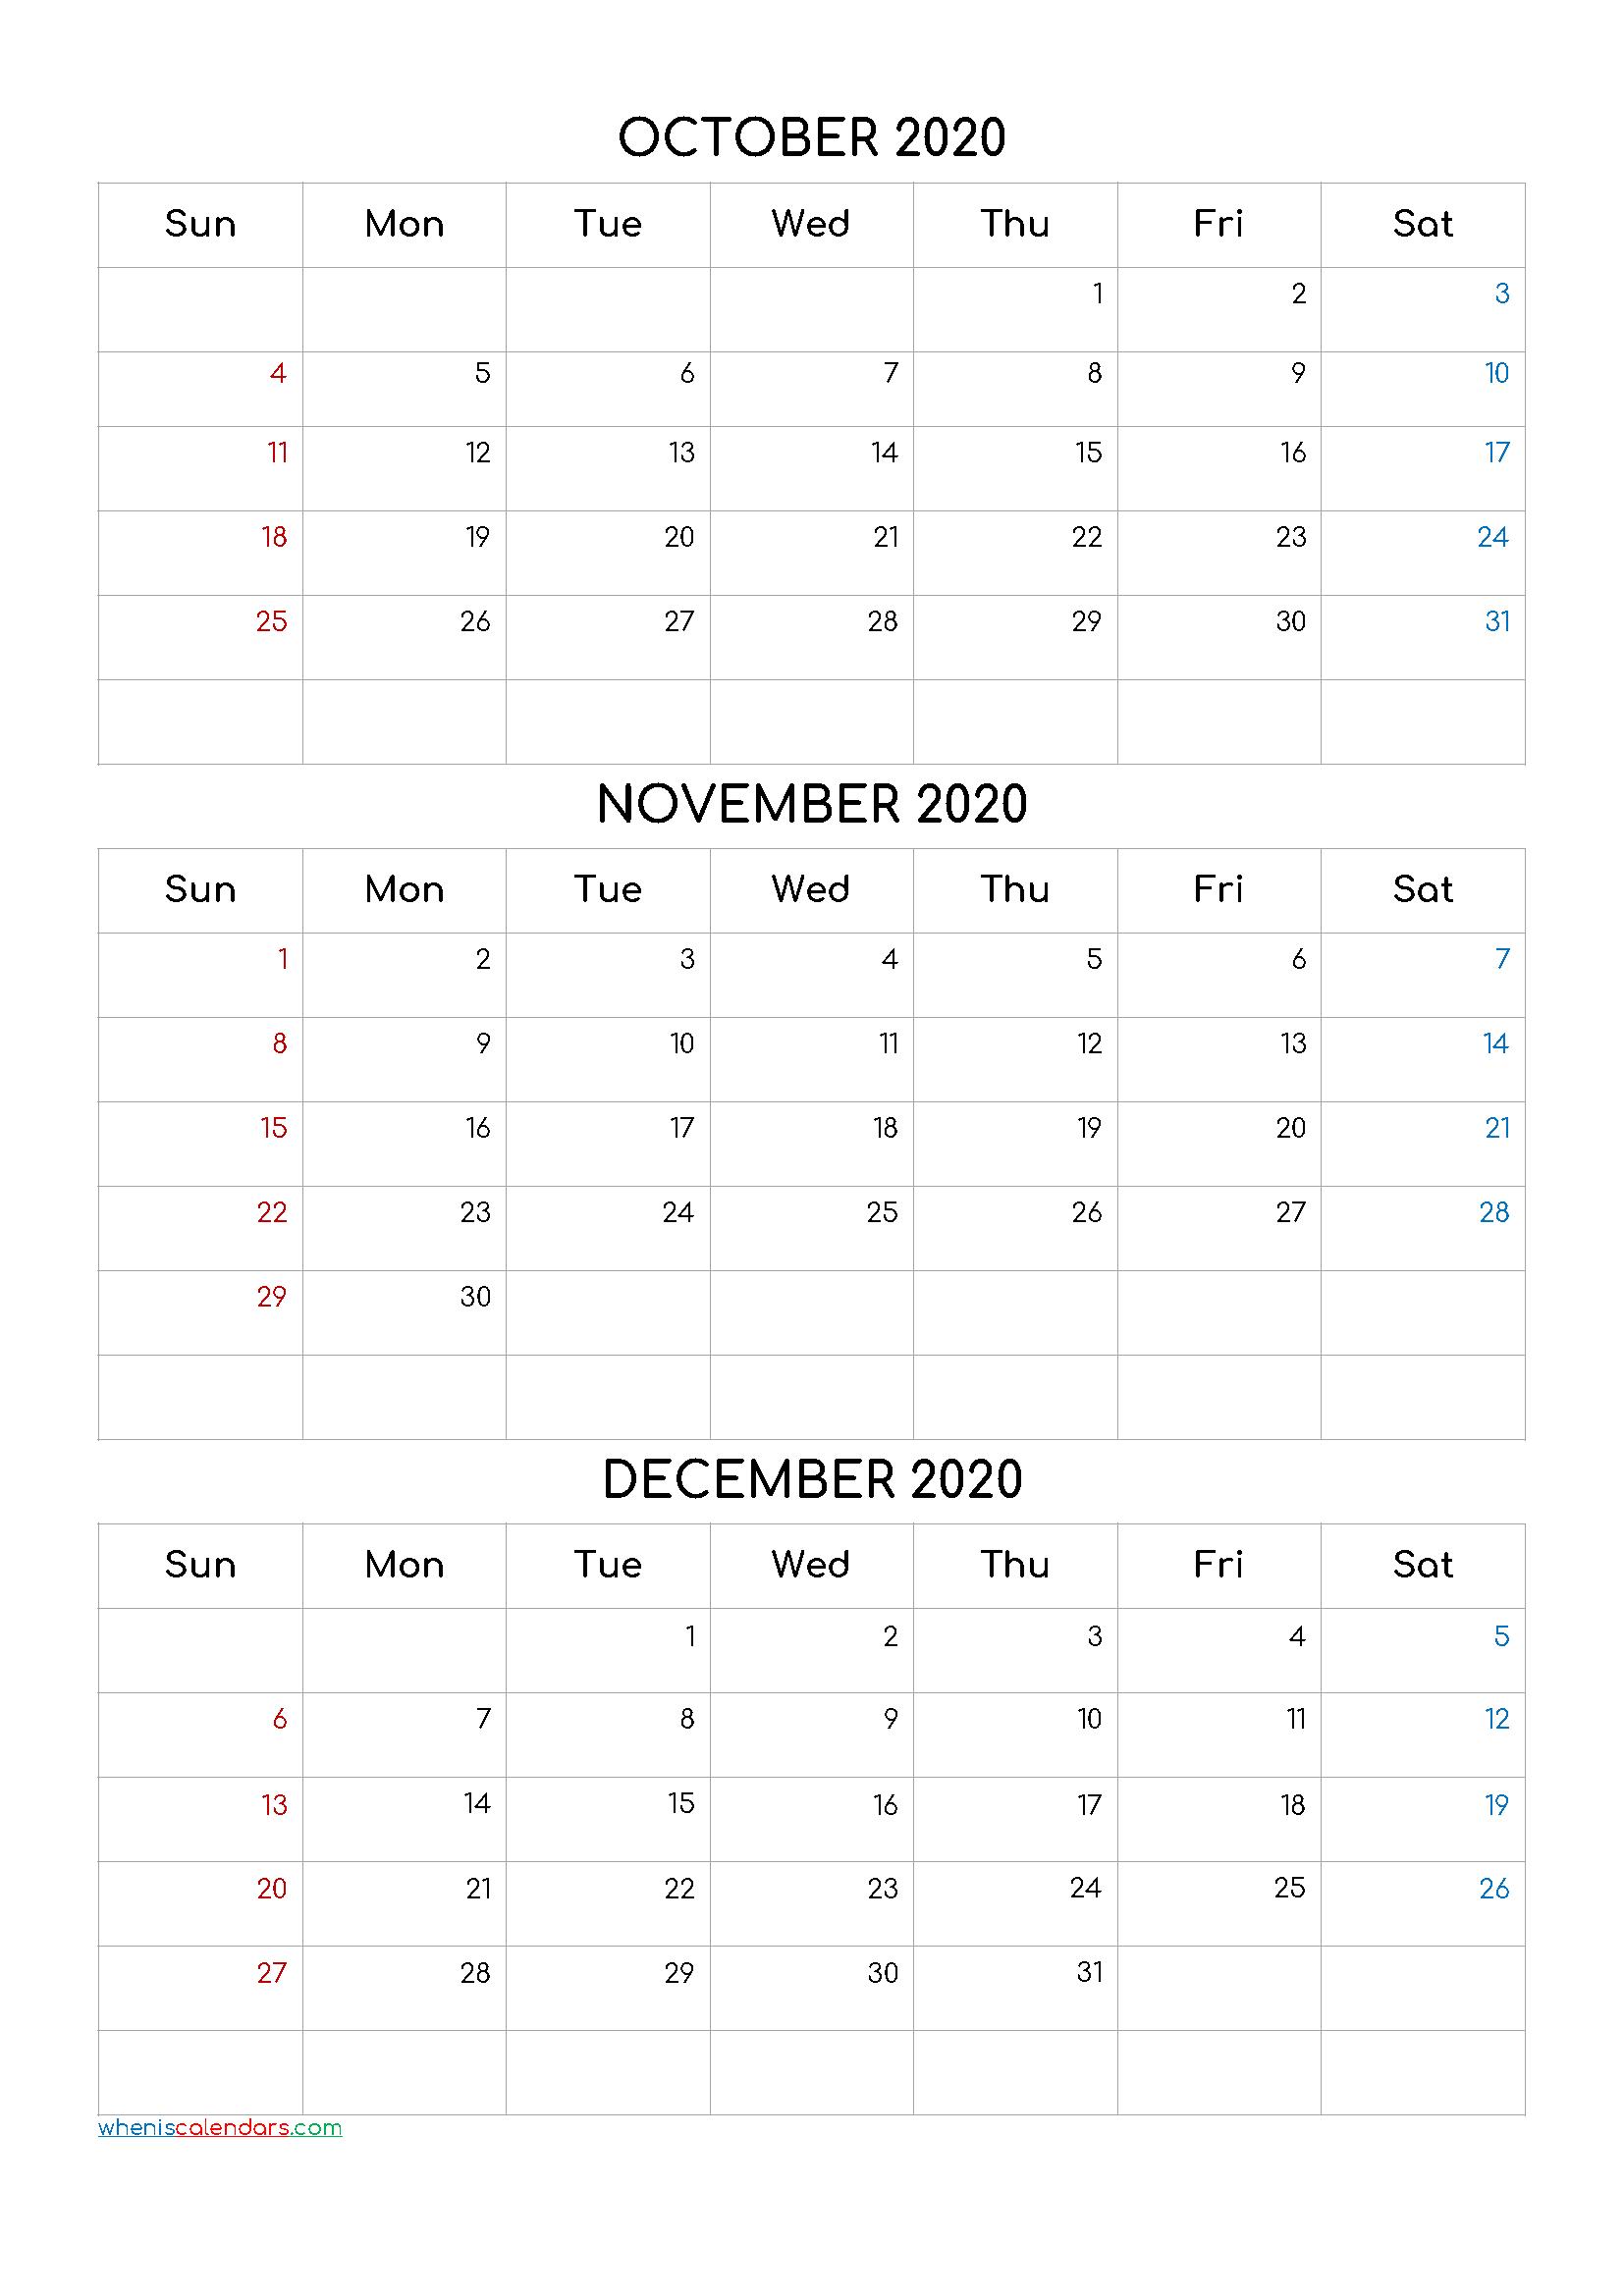 Free October November December 2020 Calendar